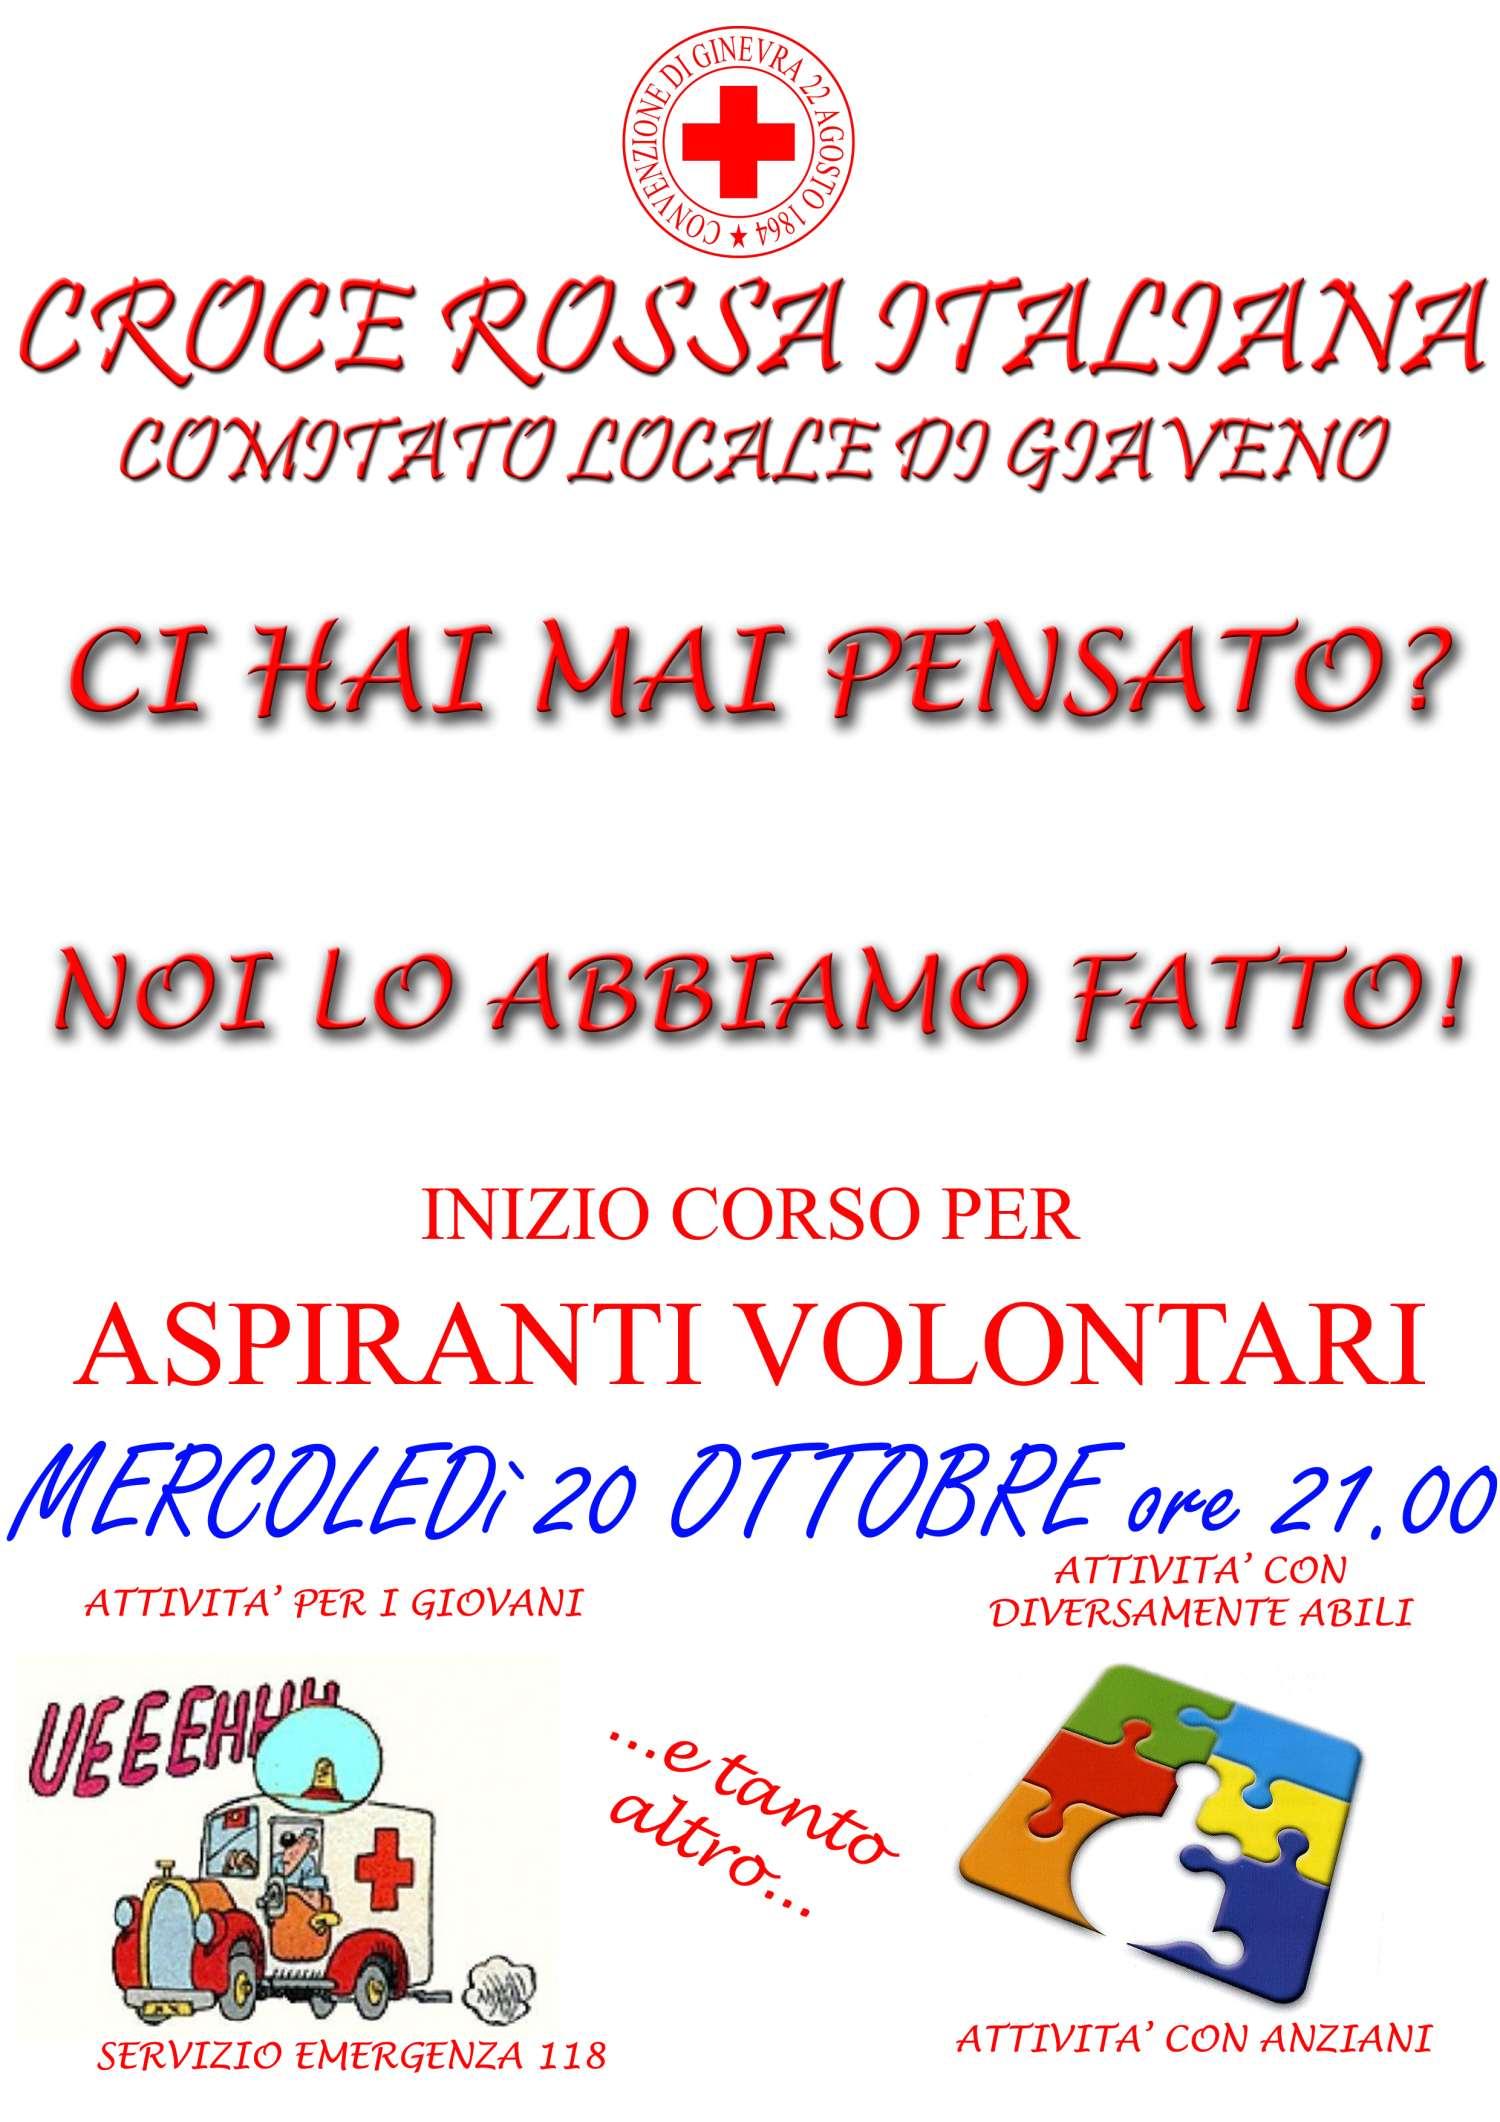 CRI_Giaveno_Corso2010-10